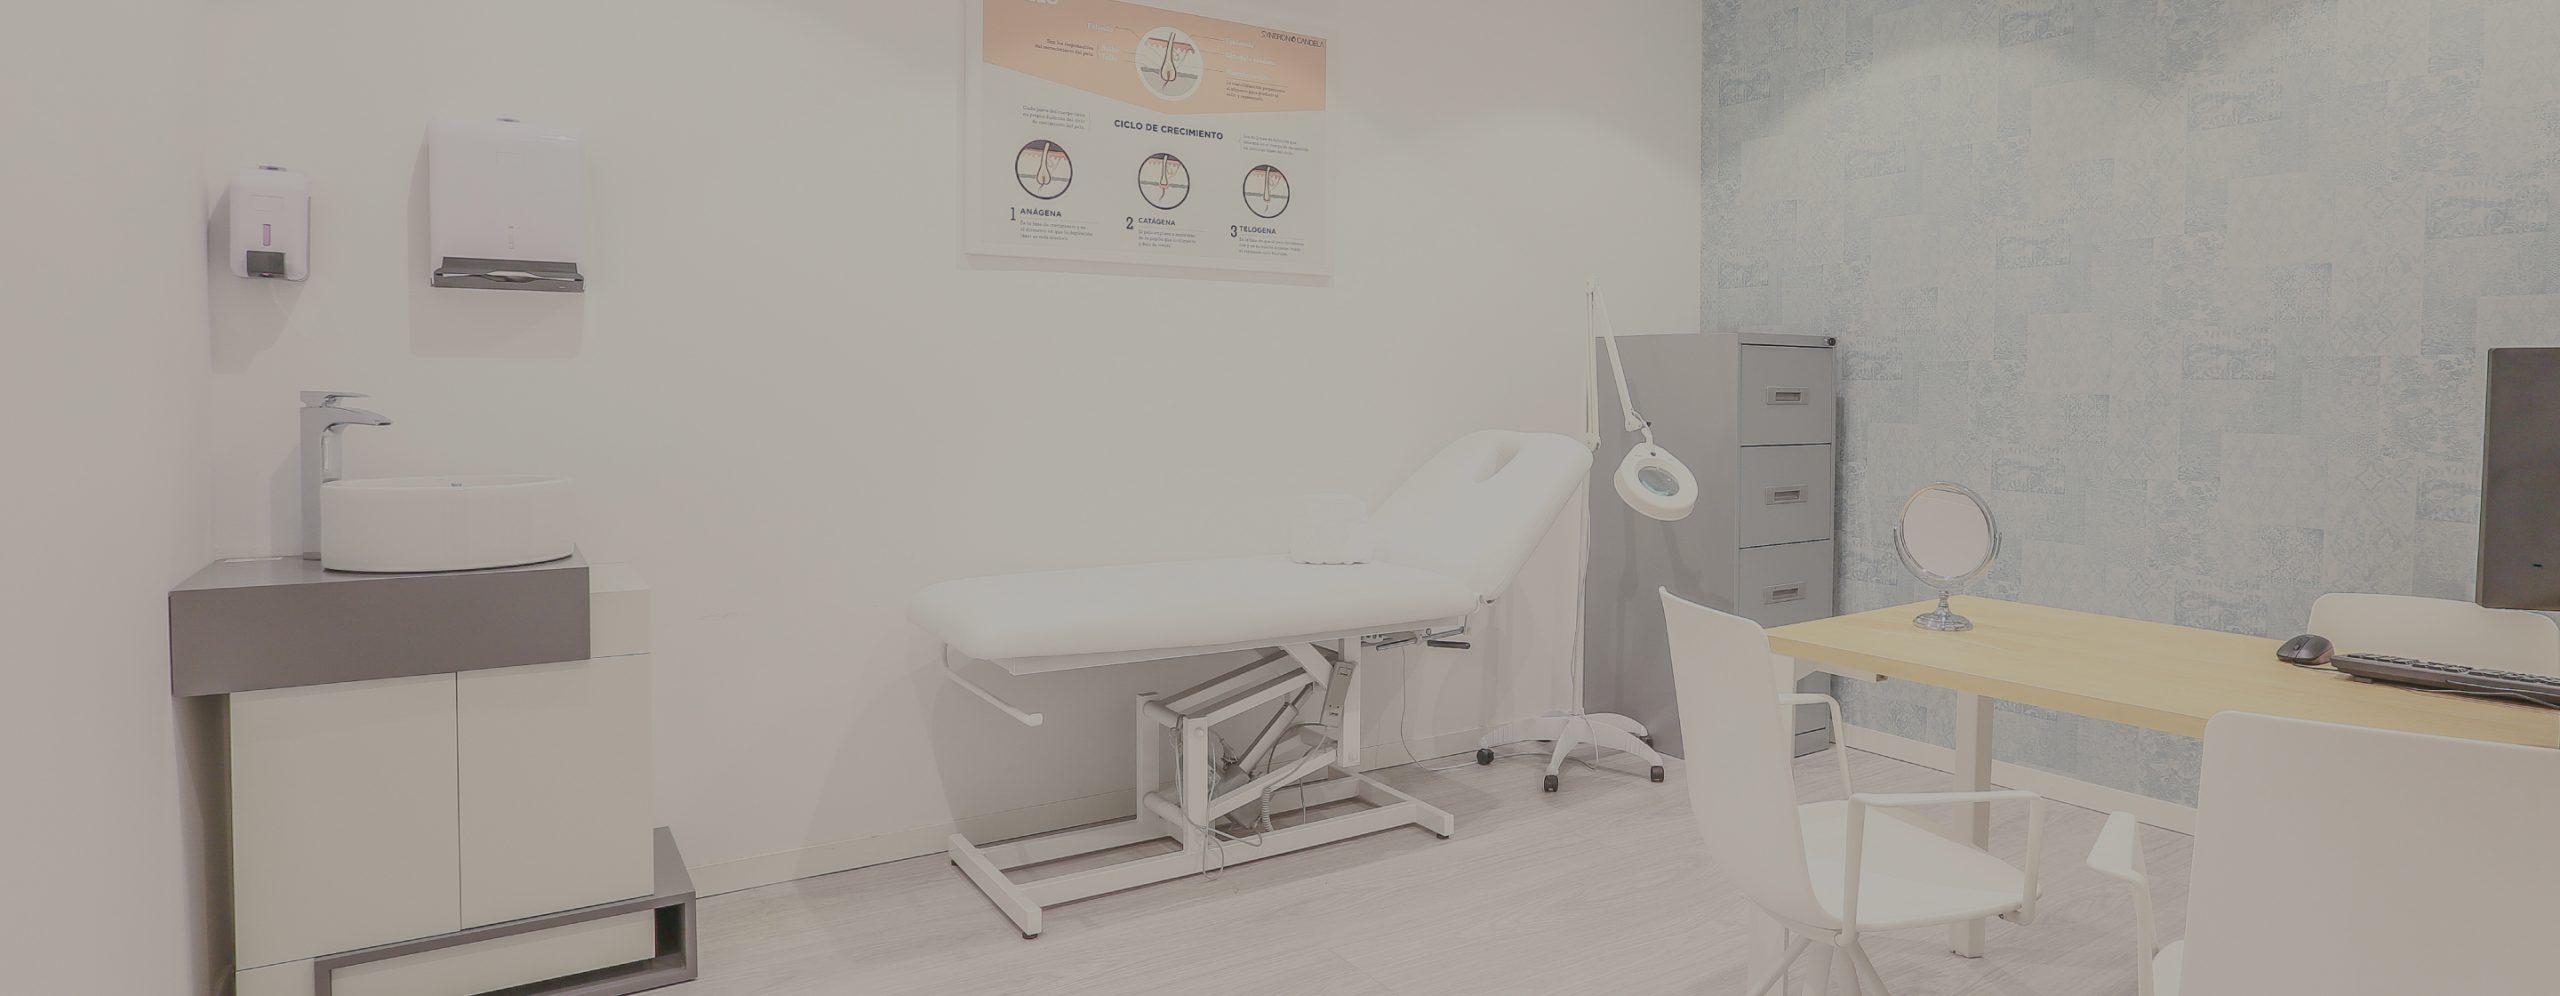 Centros Depilación Láser y Medicina Estética